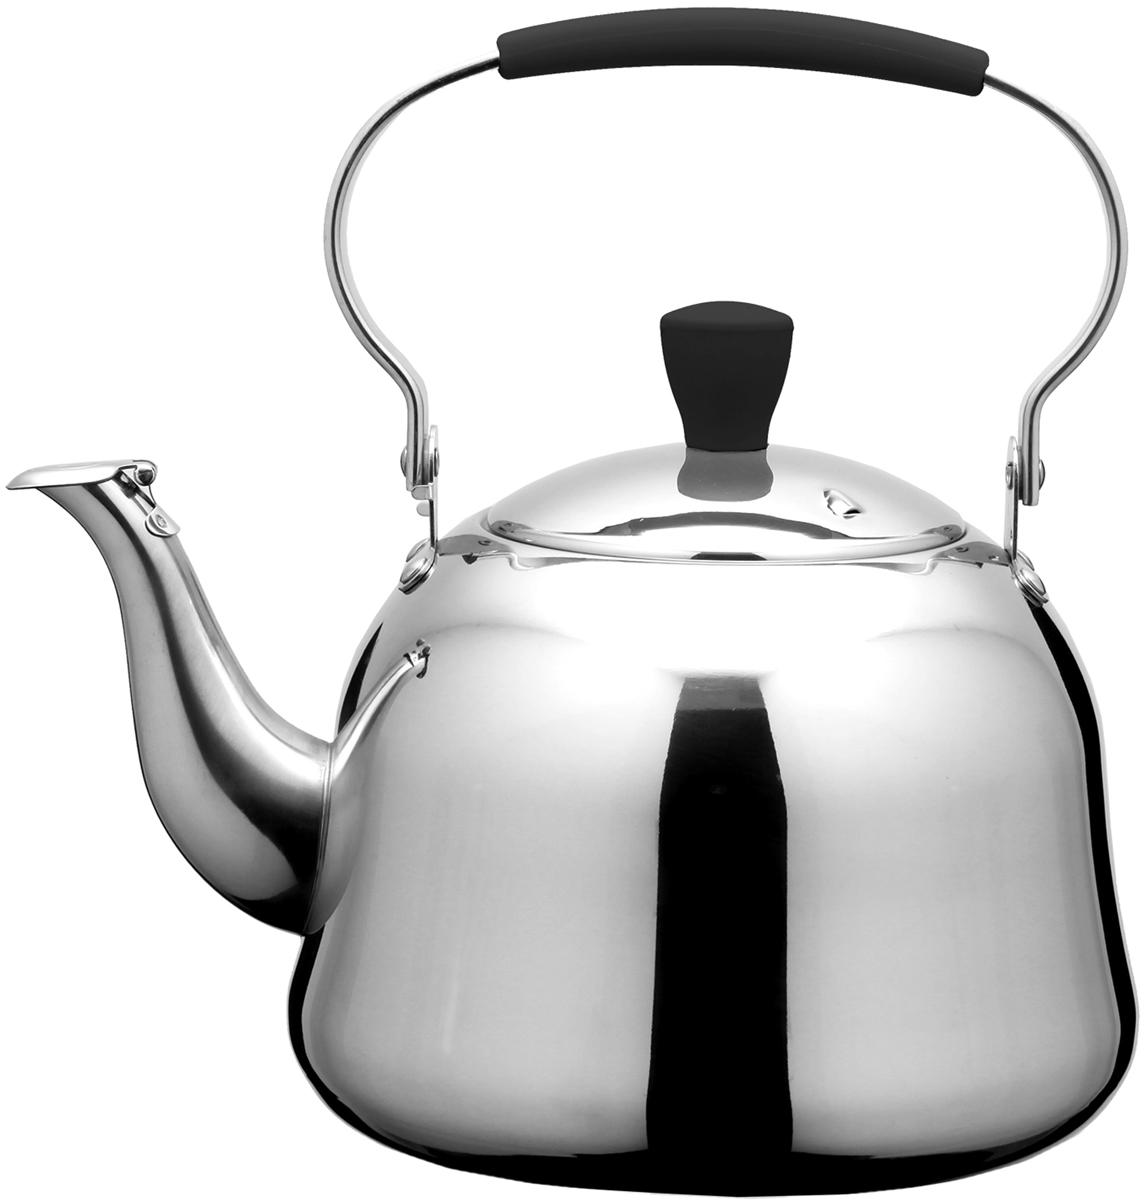 """Чай - напиток без которого сложно представить нашу жизнь. Современный человек думает о том, как потратить меньше времени на приготовление чая. Но в умении заваривать правильный чай есть один секрет - вода должна быть чистой, без примесей и запахов, и чтобы оно не перекипела. Компания Fissman помня о правилах представляет чайник """"Rooibos"""" для кипячения воды, изготовленный из экологически чистой, безопасной для здоровья человека высококачественной нержавеющей стали 18/10, с помощью которой вода не приобретает посторонний запах и вкус."""